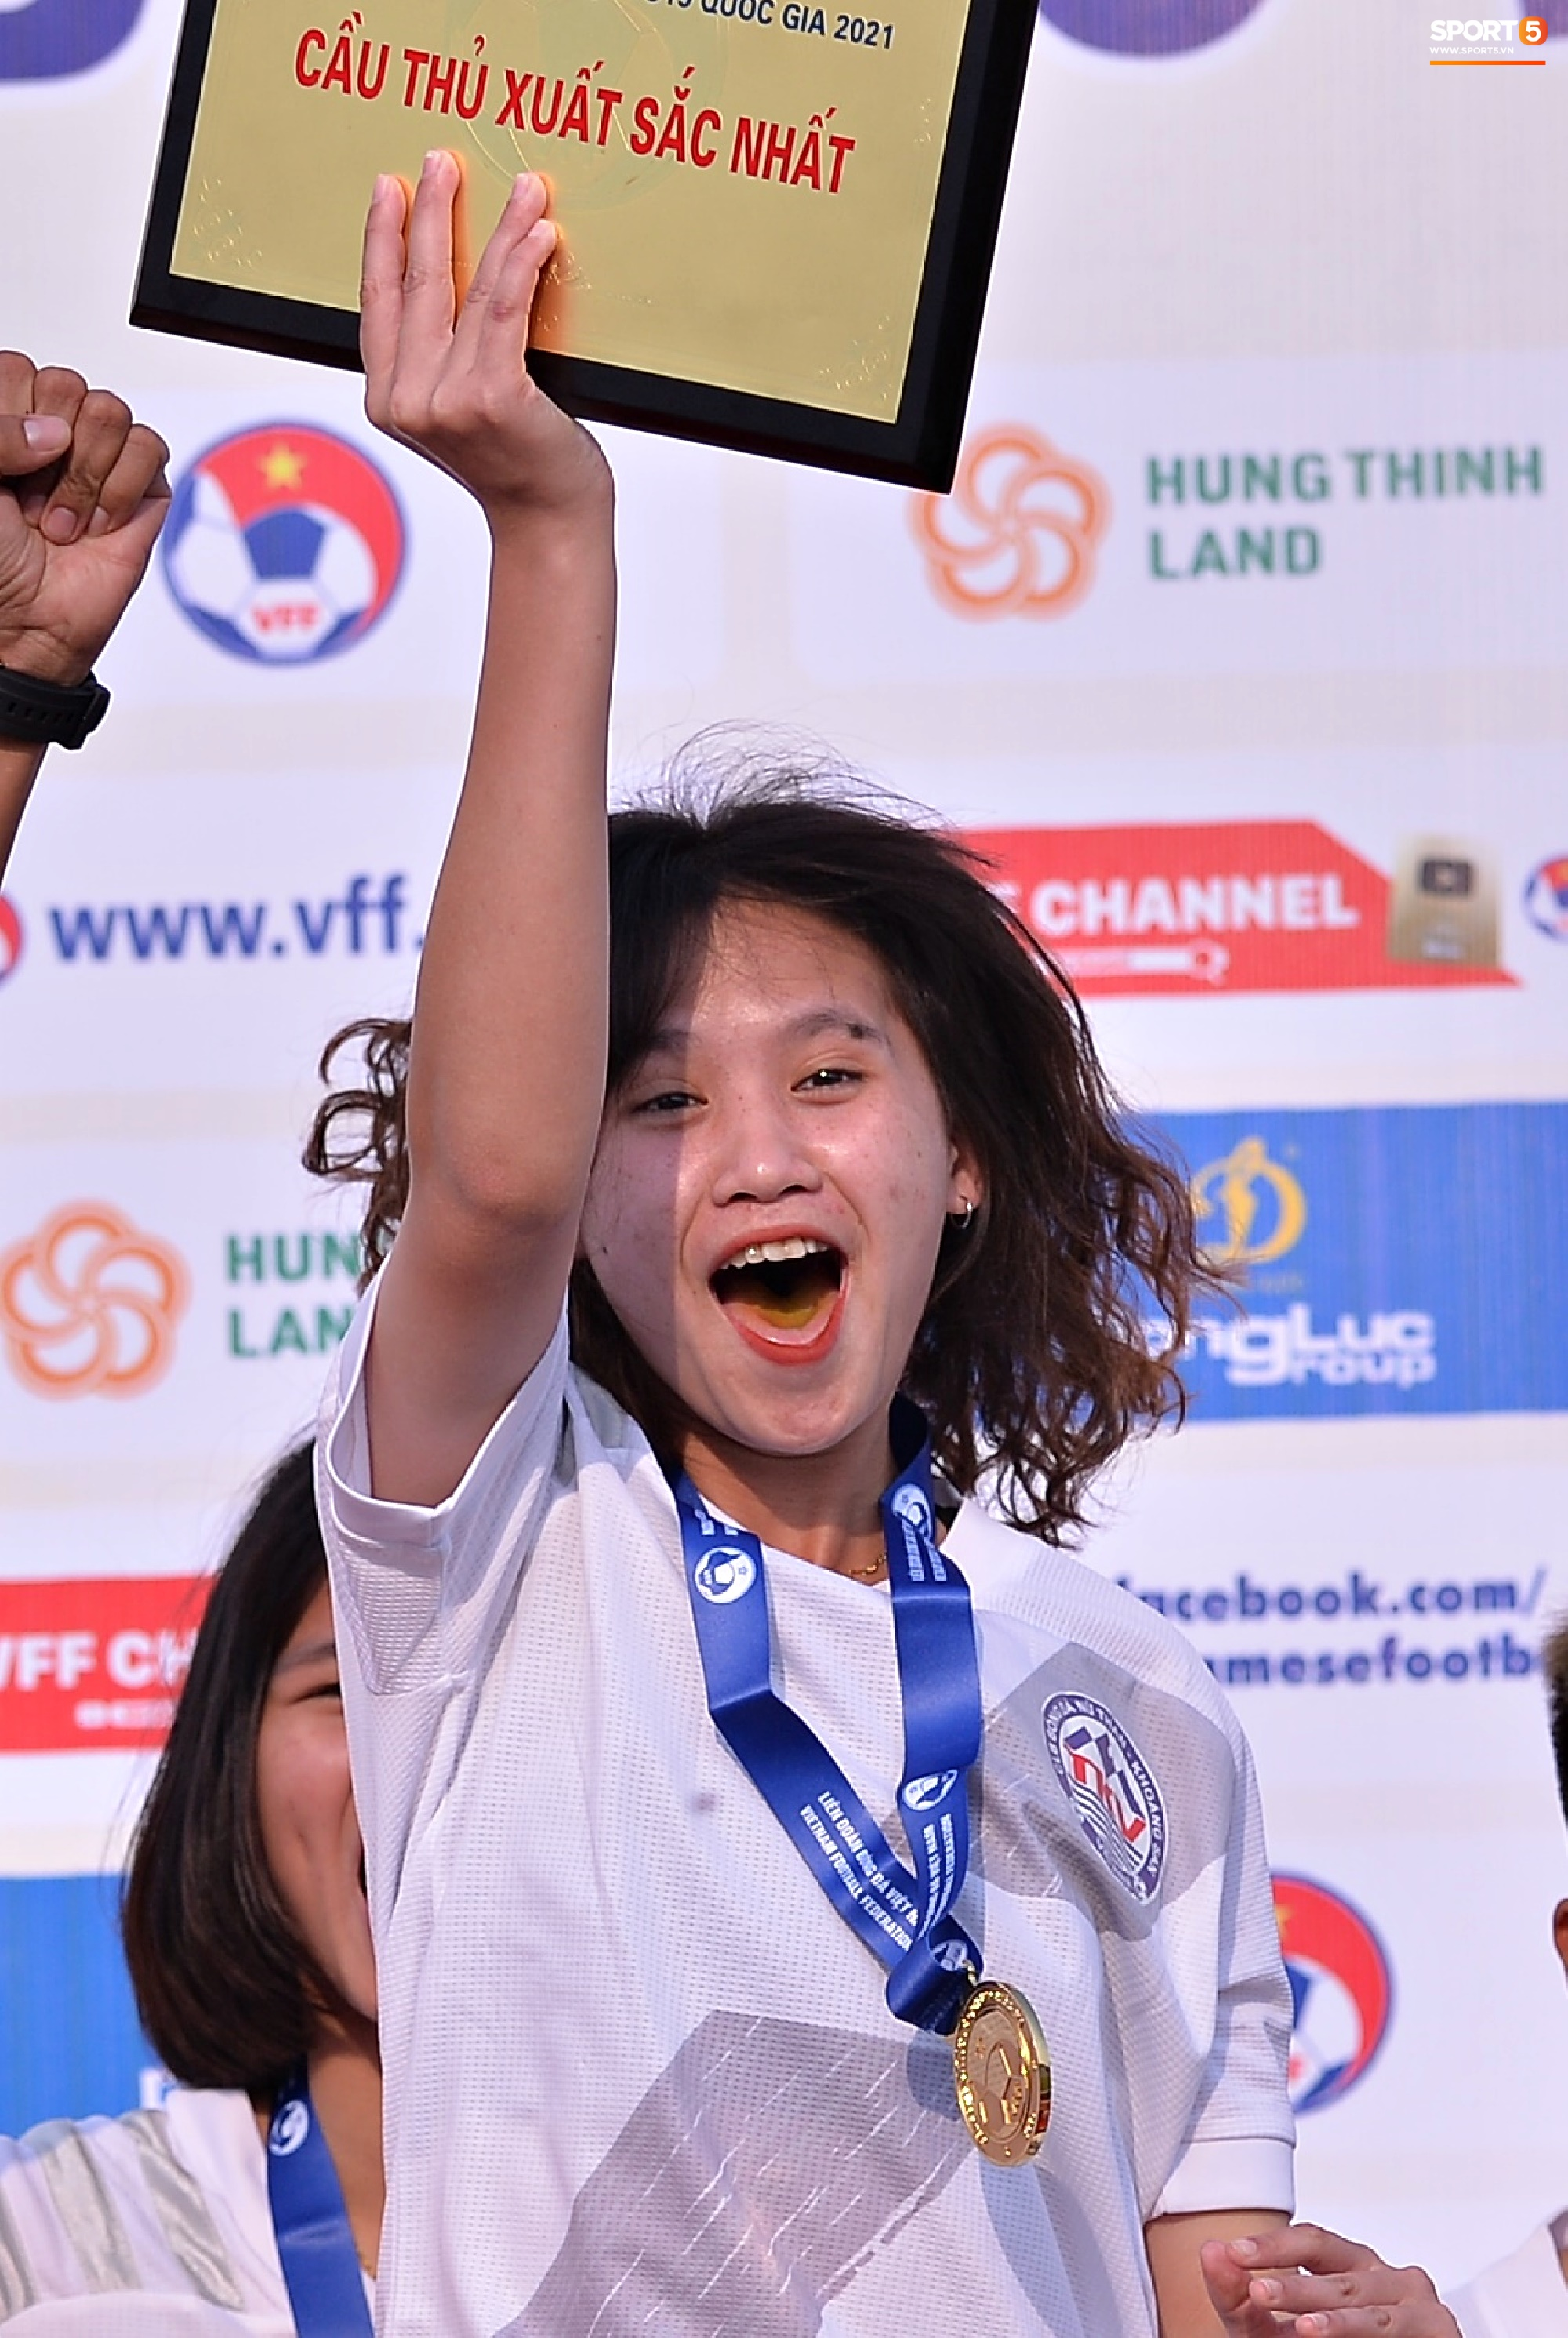 Dàn gái xinh rạng rỡ, đáng yêu trong ngày bế mạc giải bóng đá Nữ Vô địch U19 Quốc gia 2021 - ảnh 6